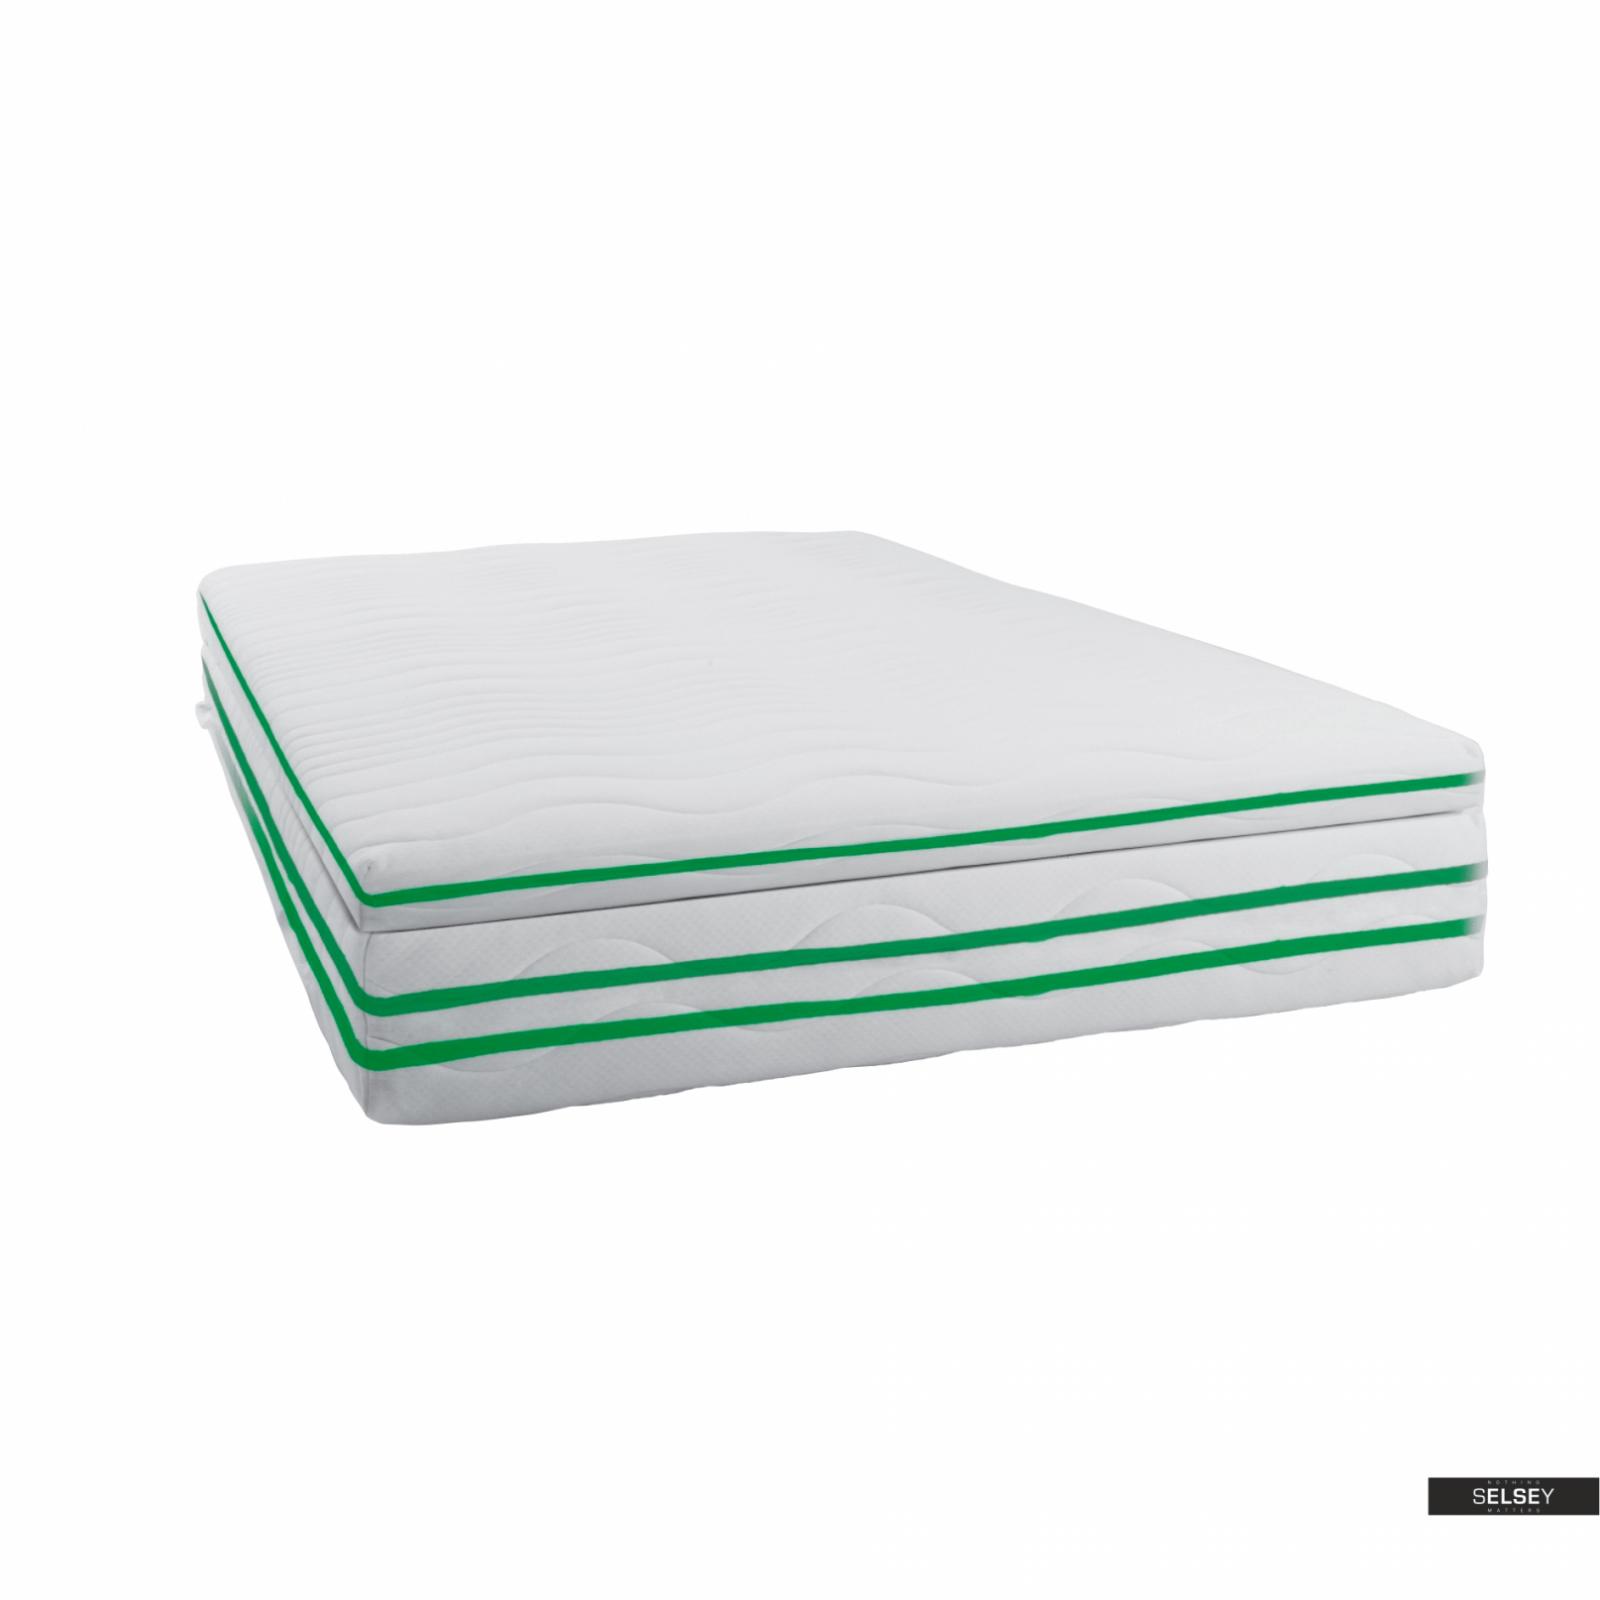 Matratzenset Luxury Von Oxam Mit Matratze Und Topper von Wozu Dient Ein Matratzen Topper Bild